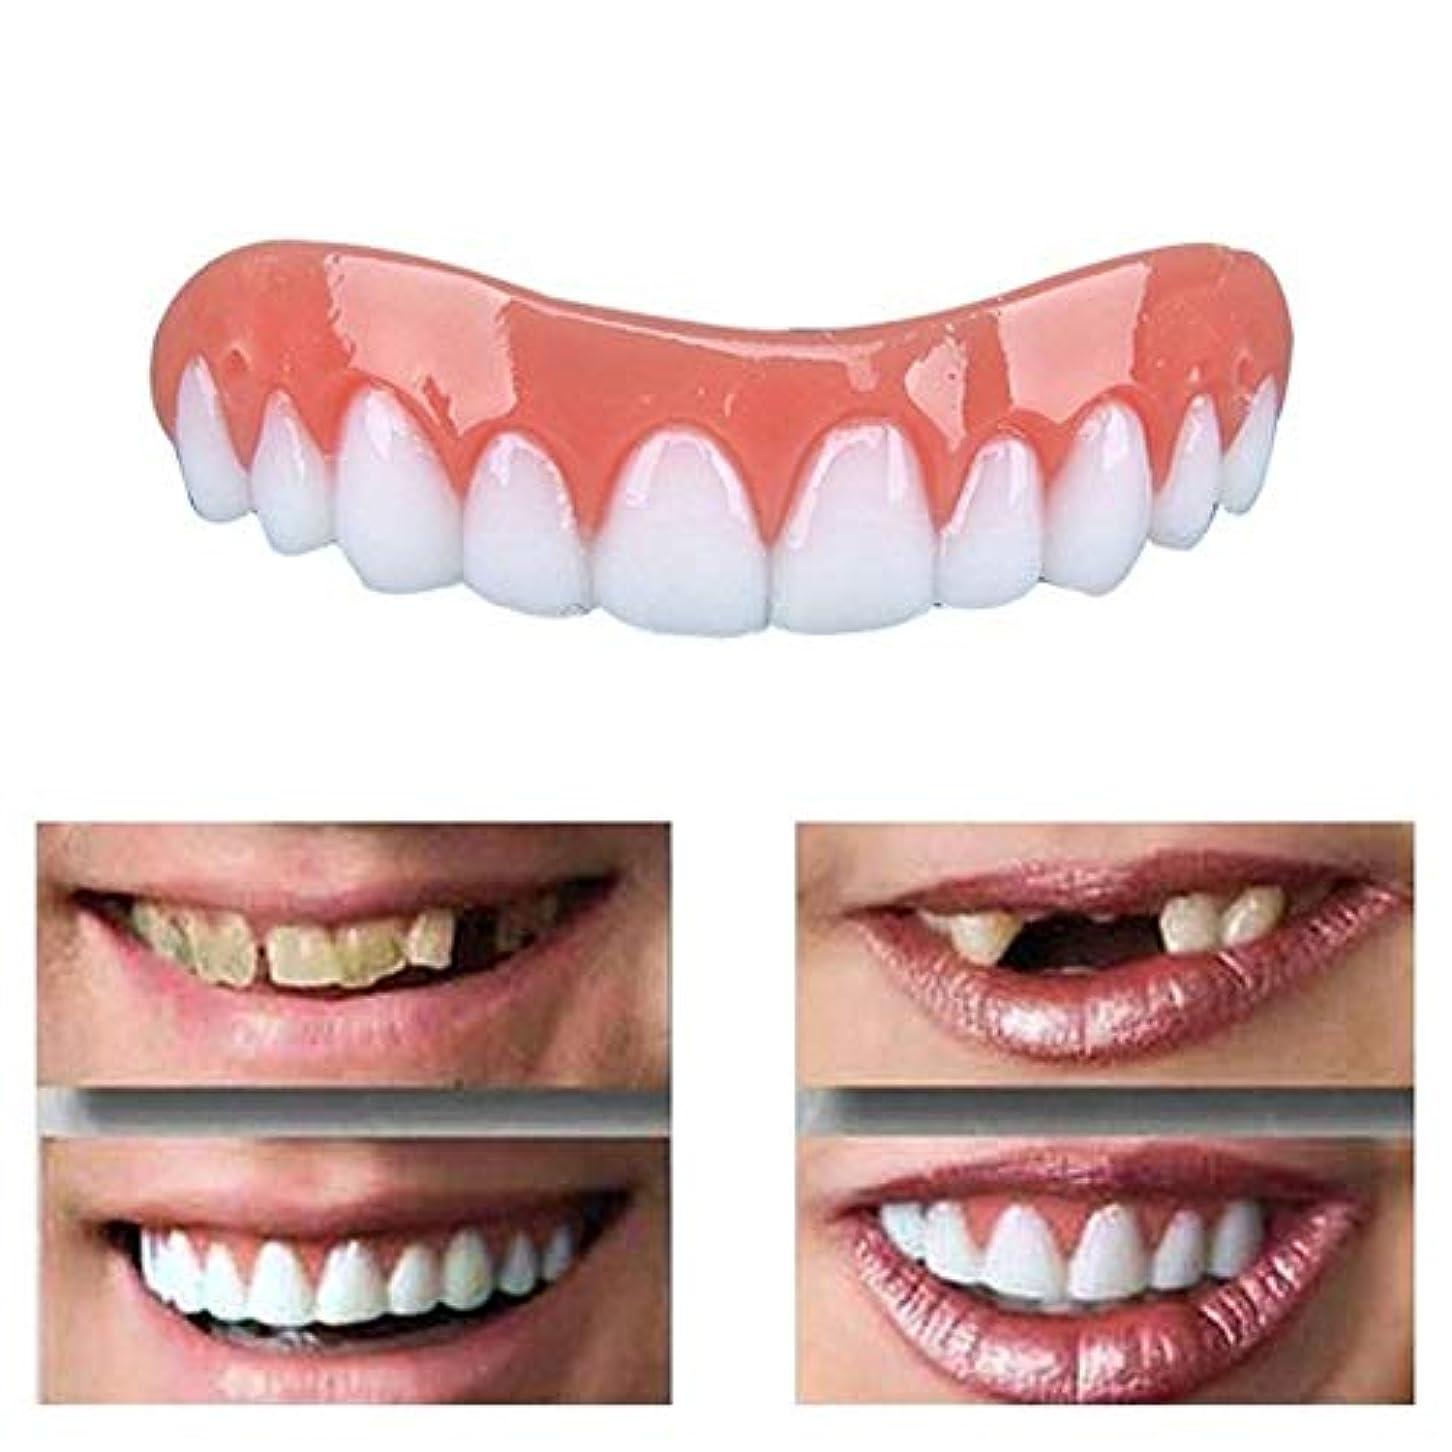 サスペンション鍔レーニン主義2組の完璧な笑顔のベニヤダブの歯の修正のための在庫でダブあなたに与える完璧な笑顔のベニヤ